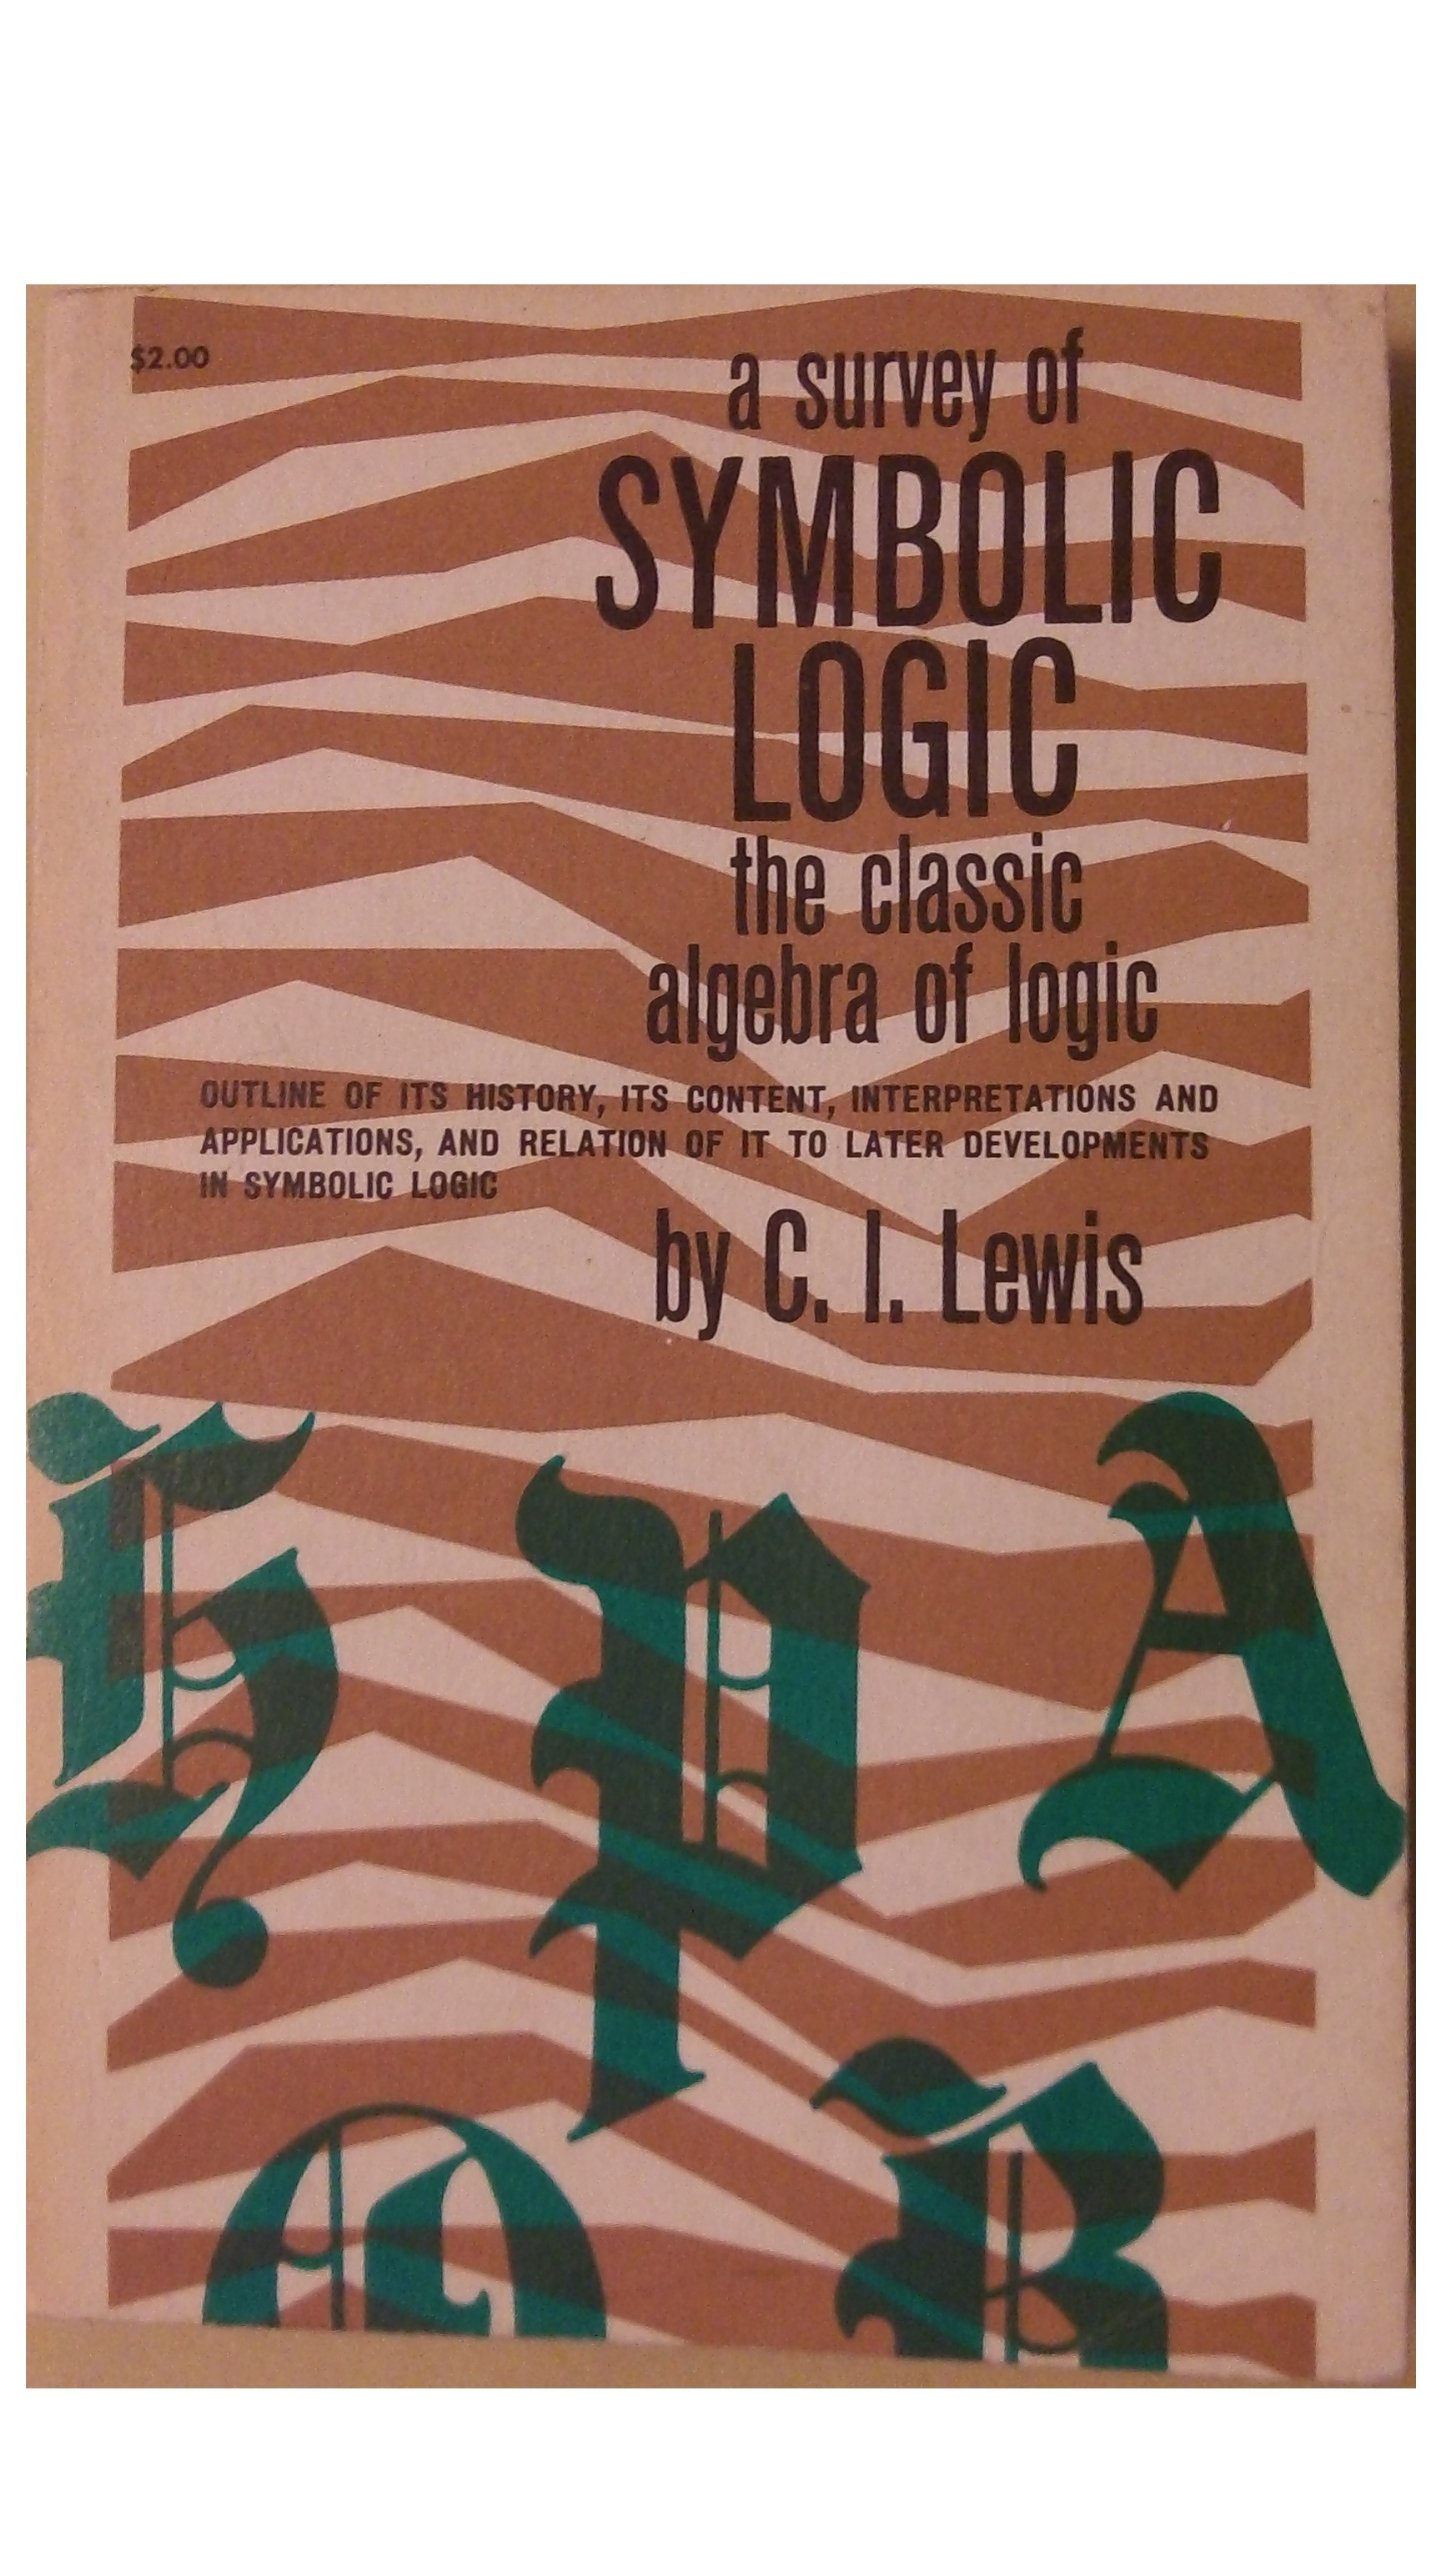 Survey Of Symbolic Logic The Classic Algebra Of Logic C I Lewis